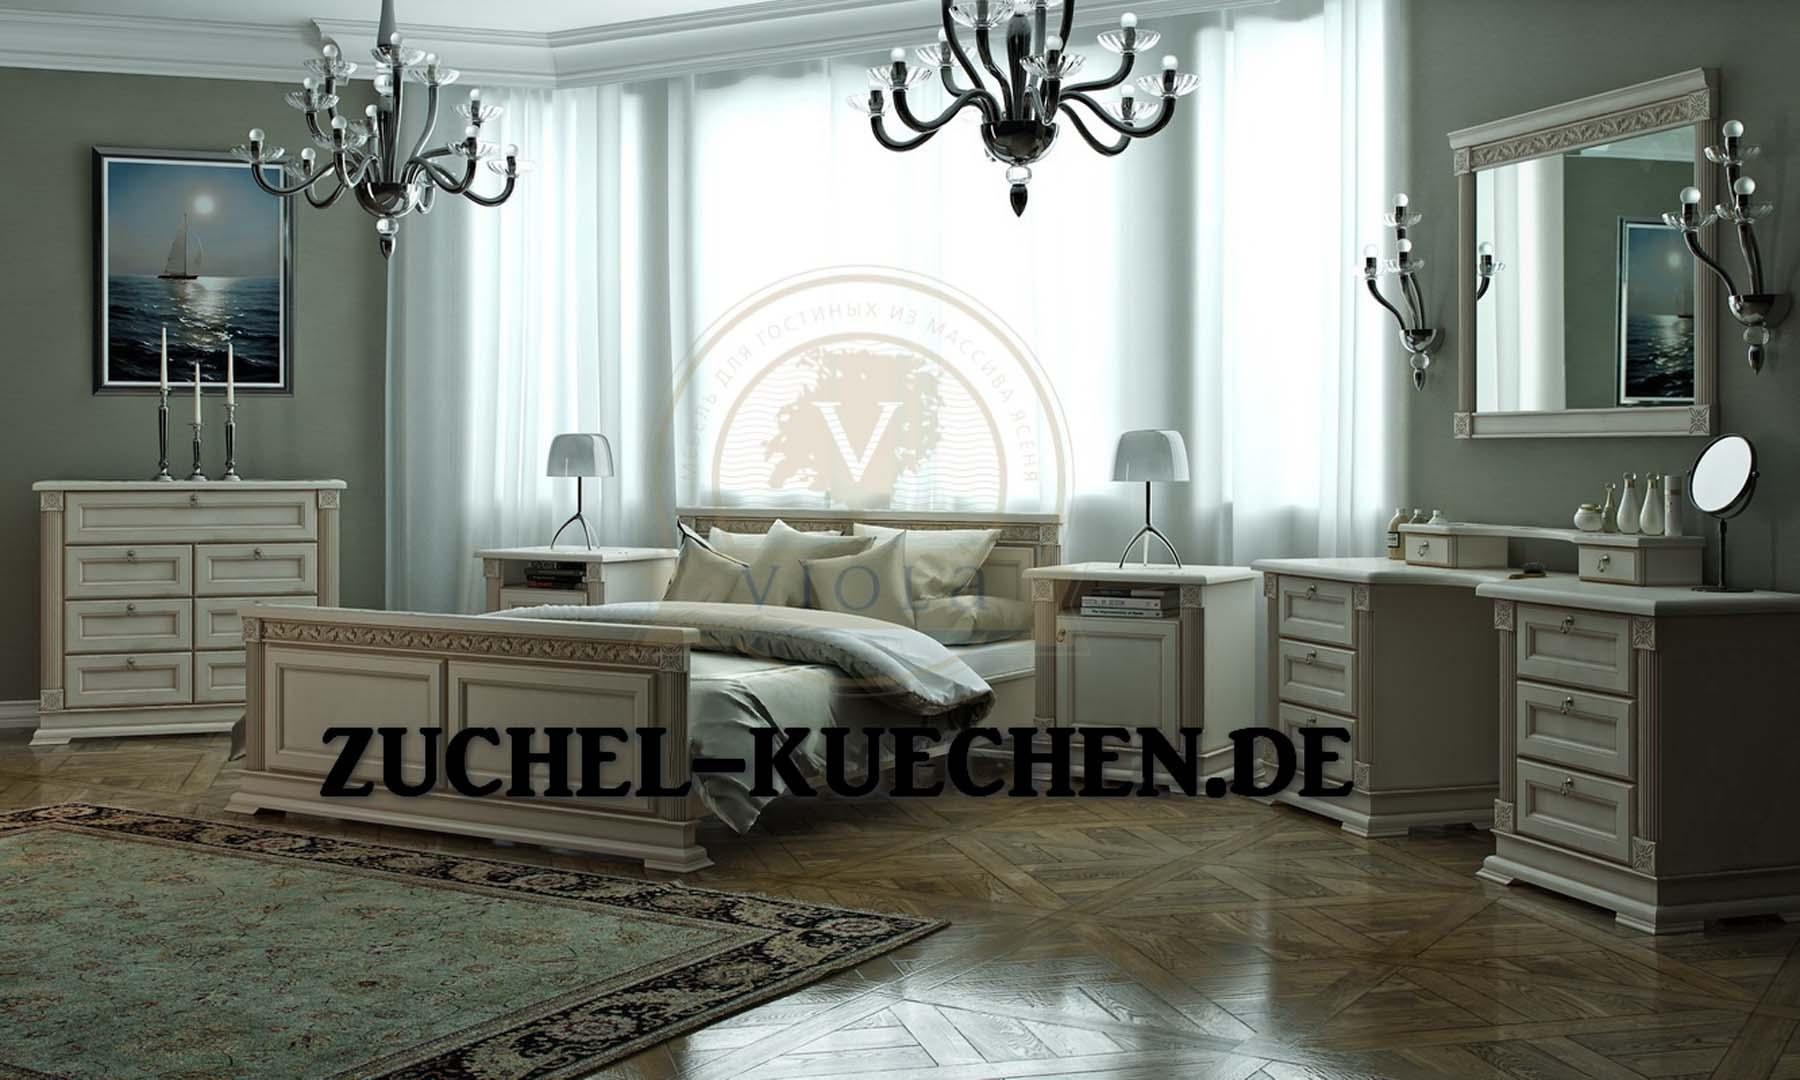 schlafzimmer zuchel k che. Black Bedroom Furniture Sets. Home Design Ideas